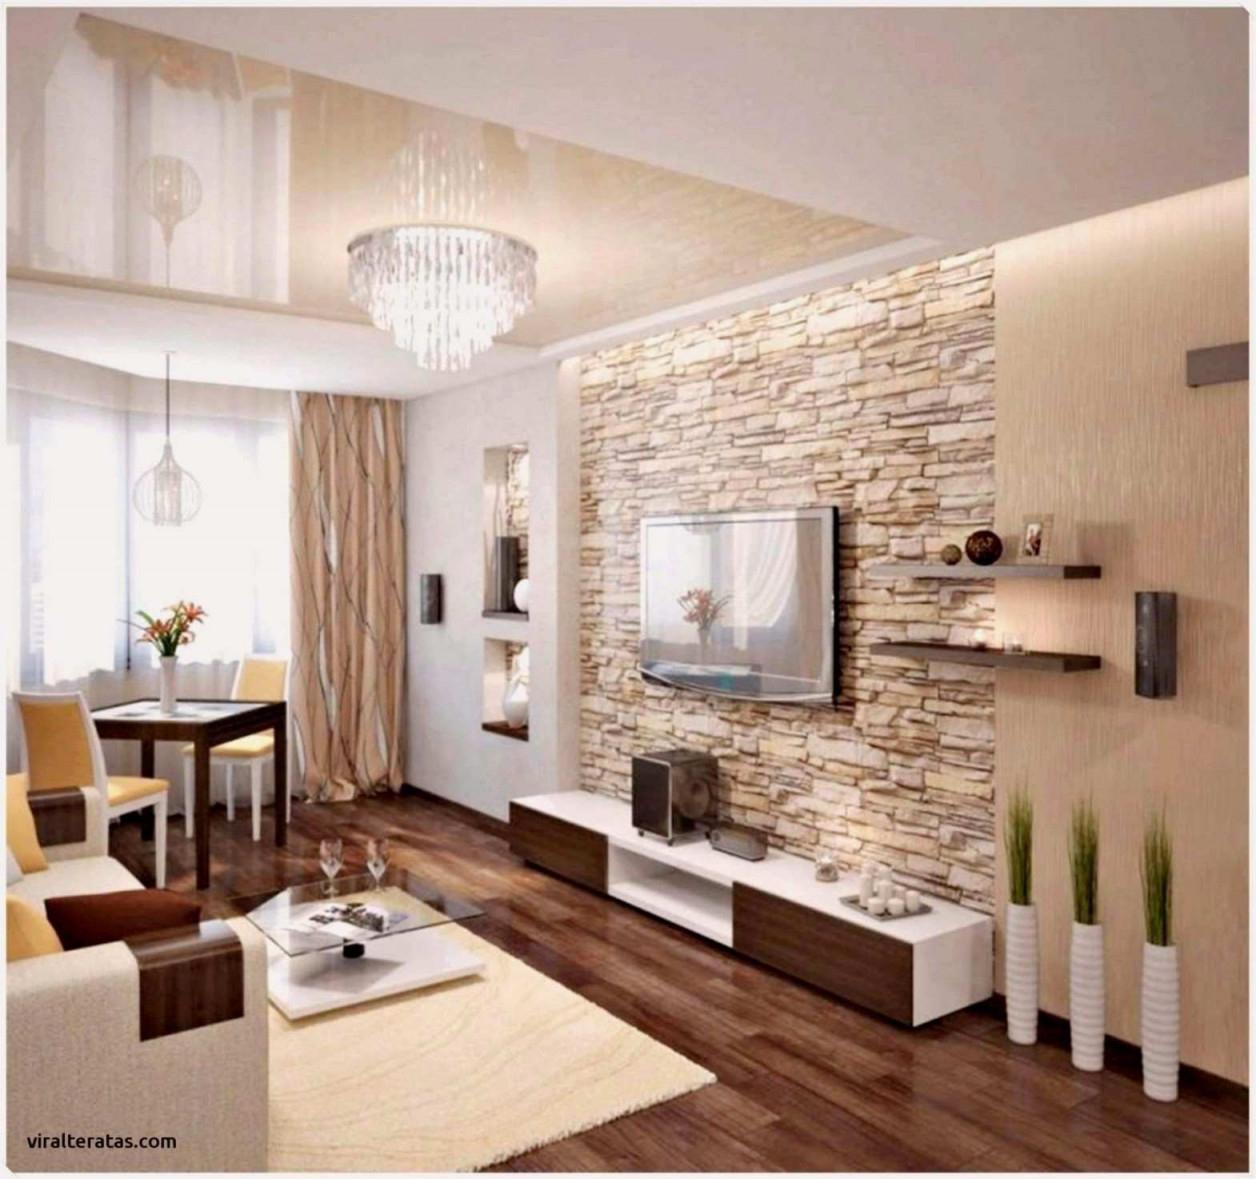 59 Genial Wohnzimmer Tapeten Vorschläge Inspirierend von Wohnzimmer Tapeten Vorschläge Photo